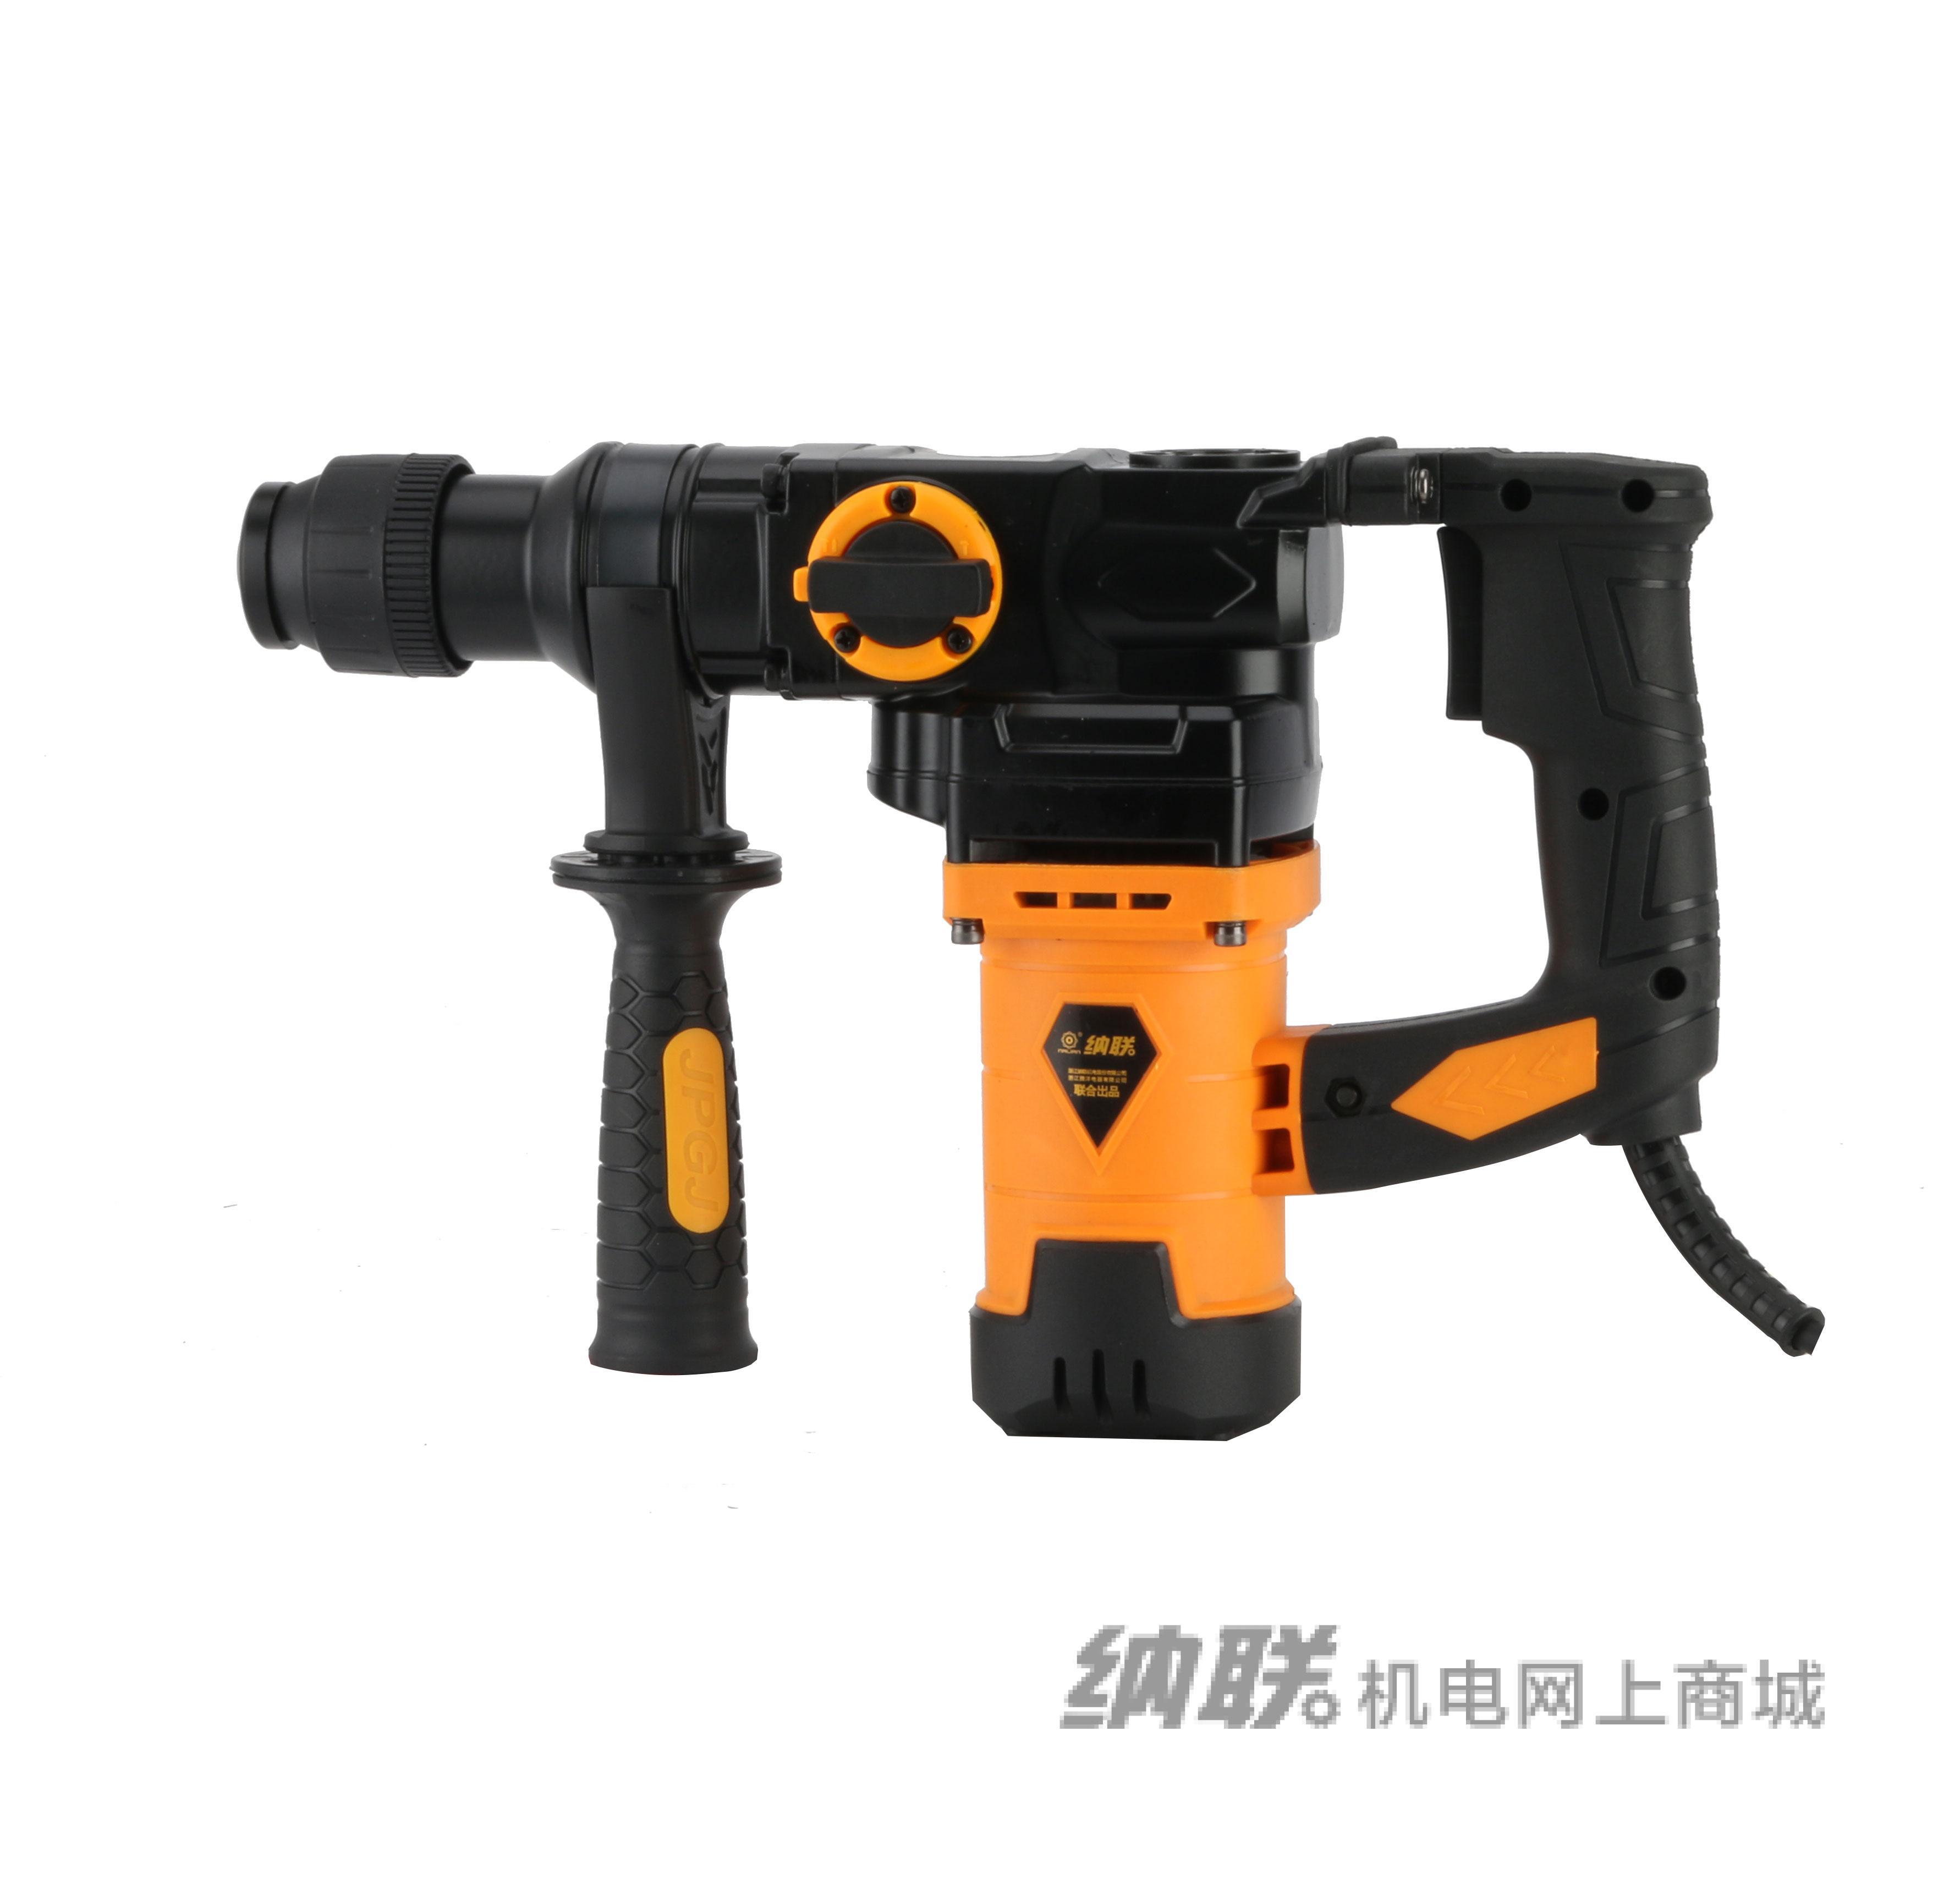 纳联机电 电锤-Z1A2-28SRE/1050W双用工业级